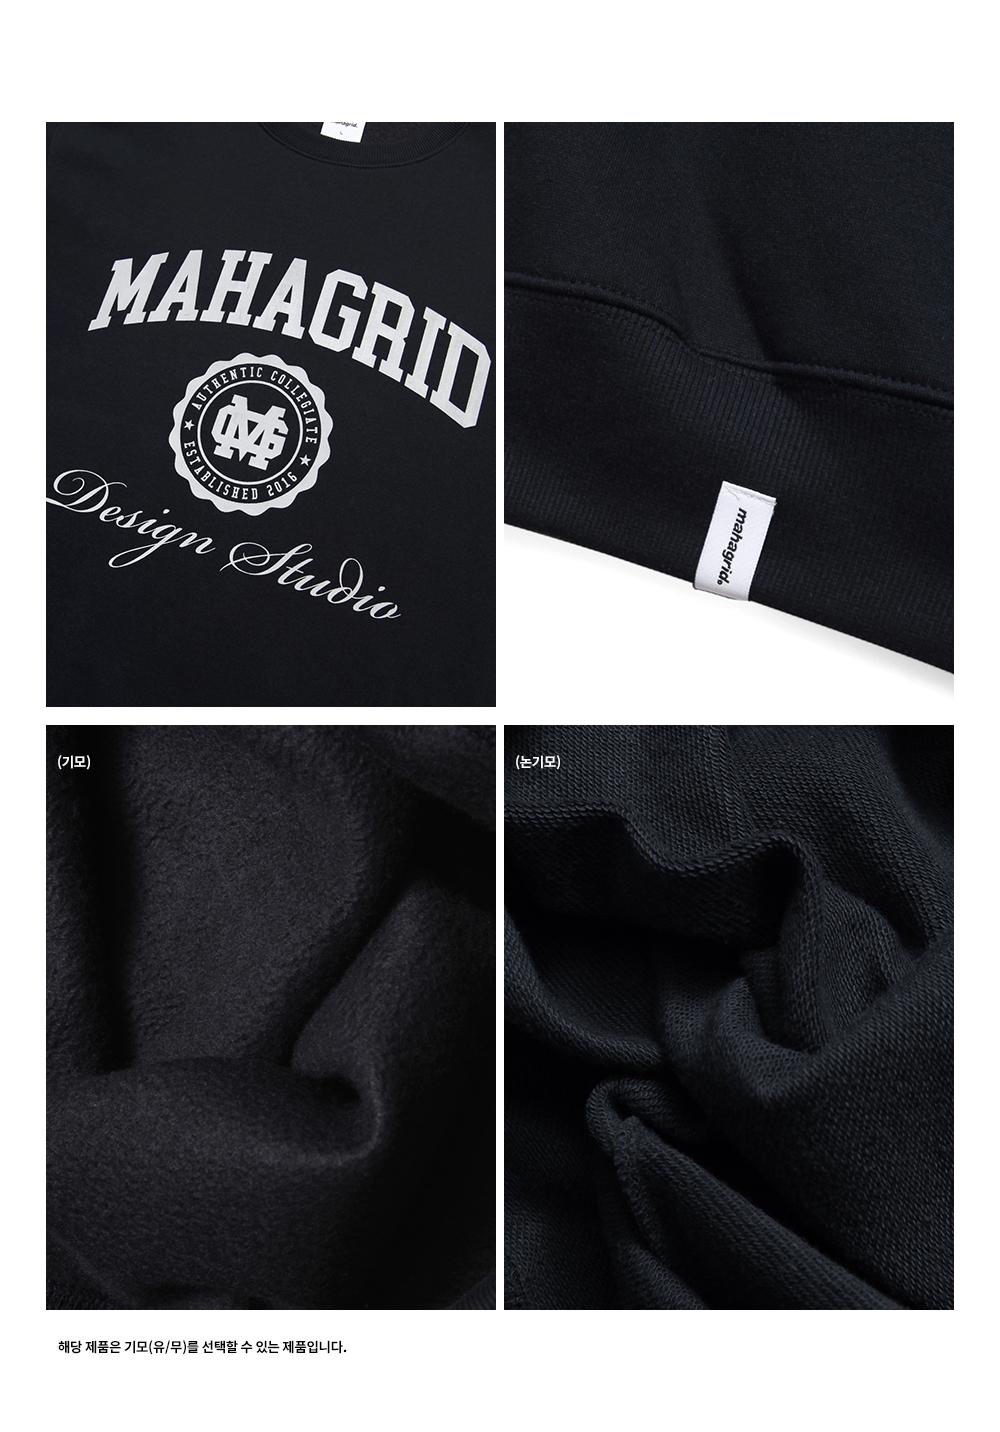 마하그리드(MAHAGRID) AUTHENTIC SWEATSHIRT NAVY(MG2BFMM463A)